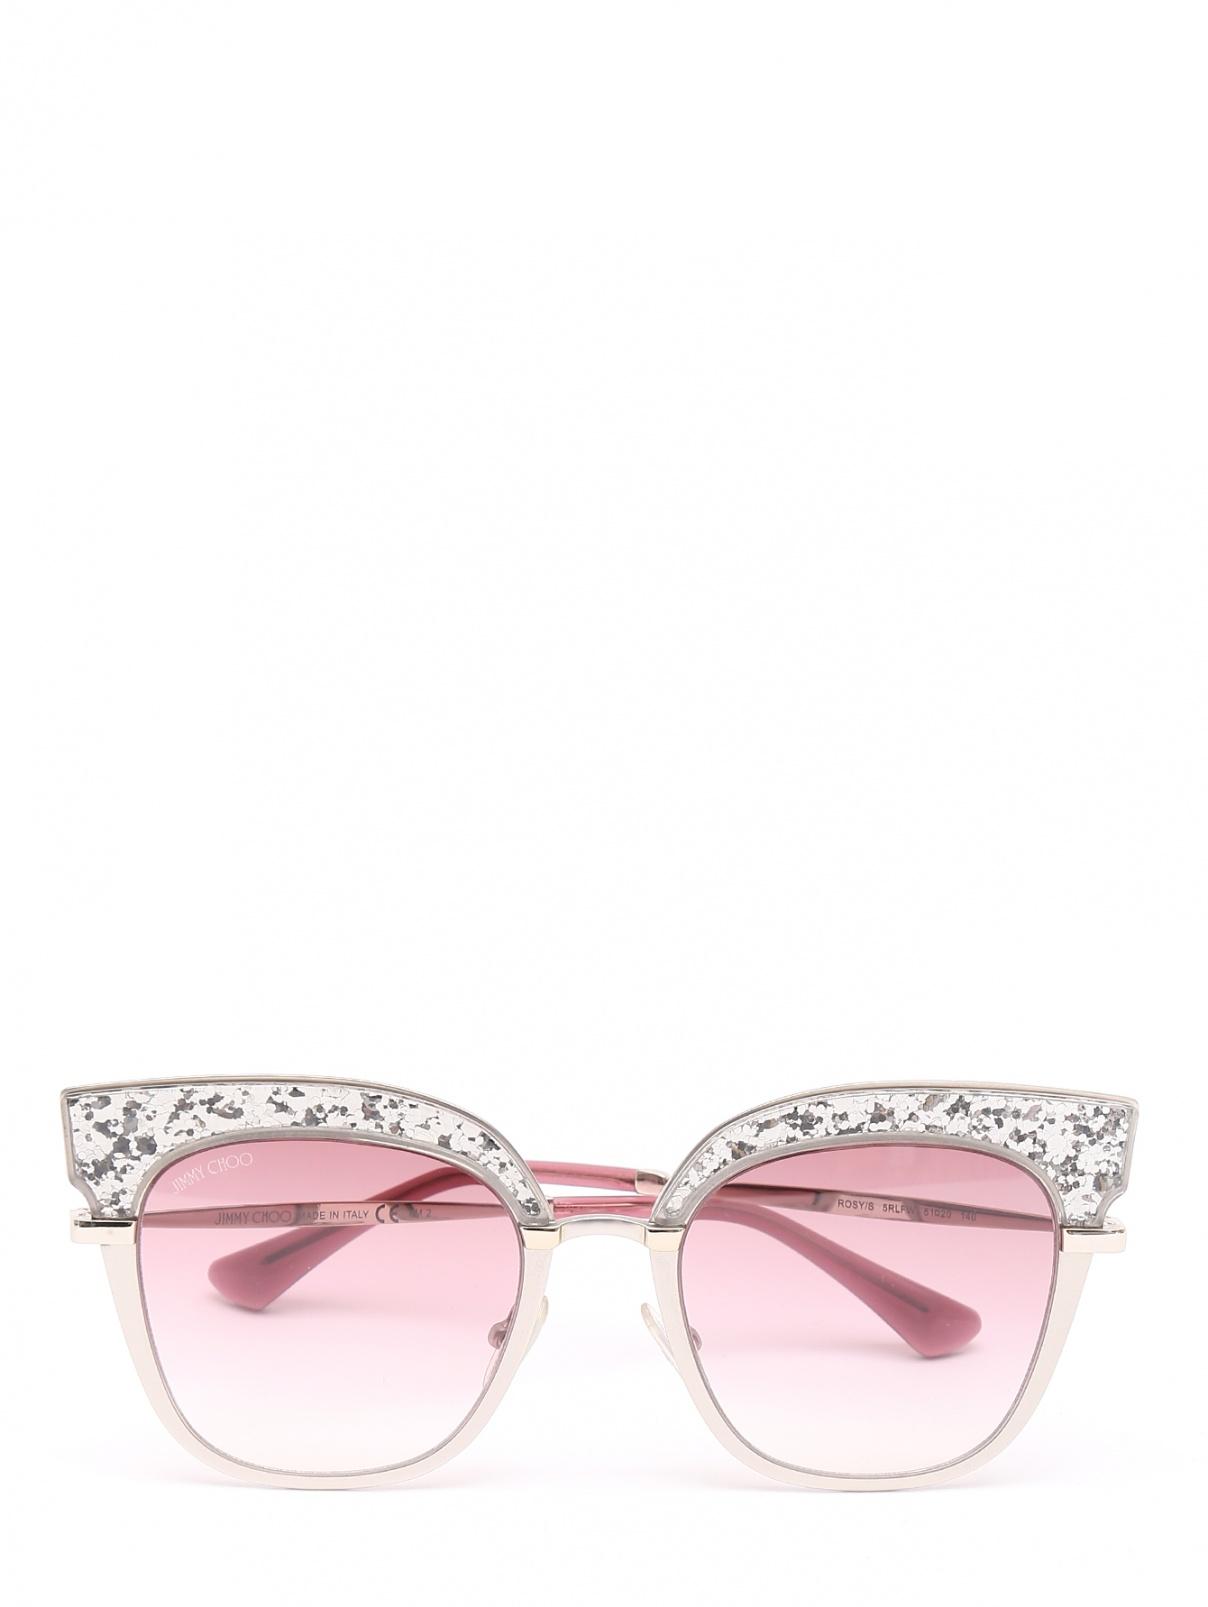 Солнцезащитные очки в оправе из пластика и металла с блестками Jimmy Choo  –  Общий вид